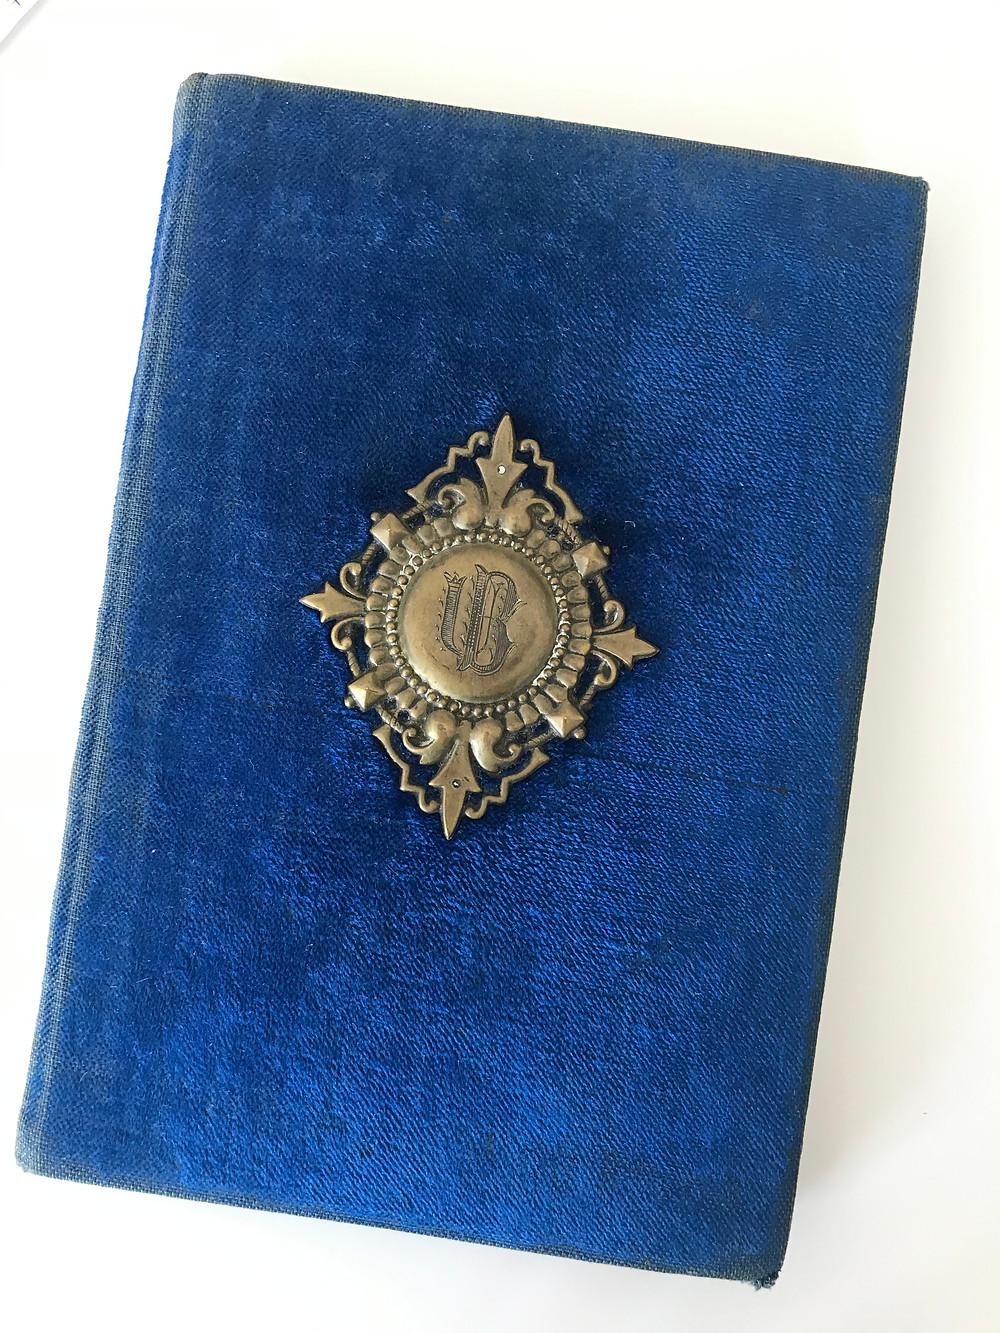 Poesiealbum 1880 Ulrike Bentz